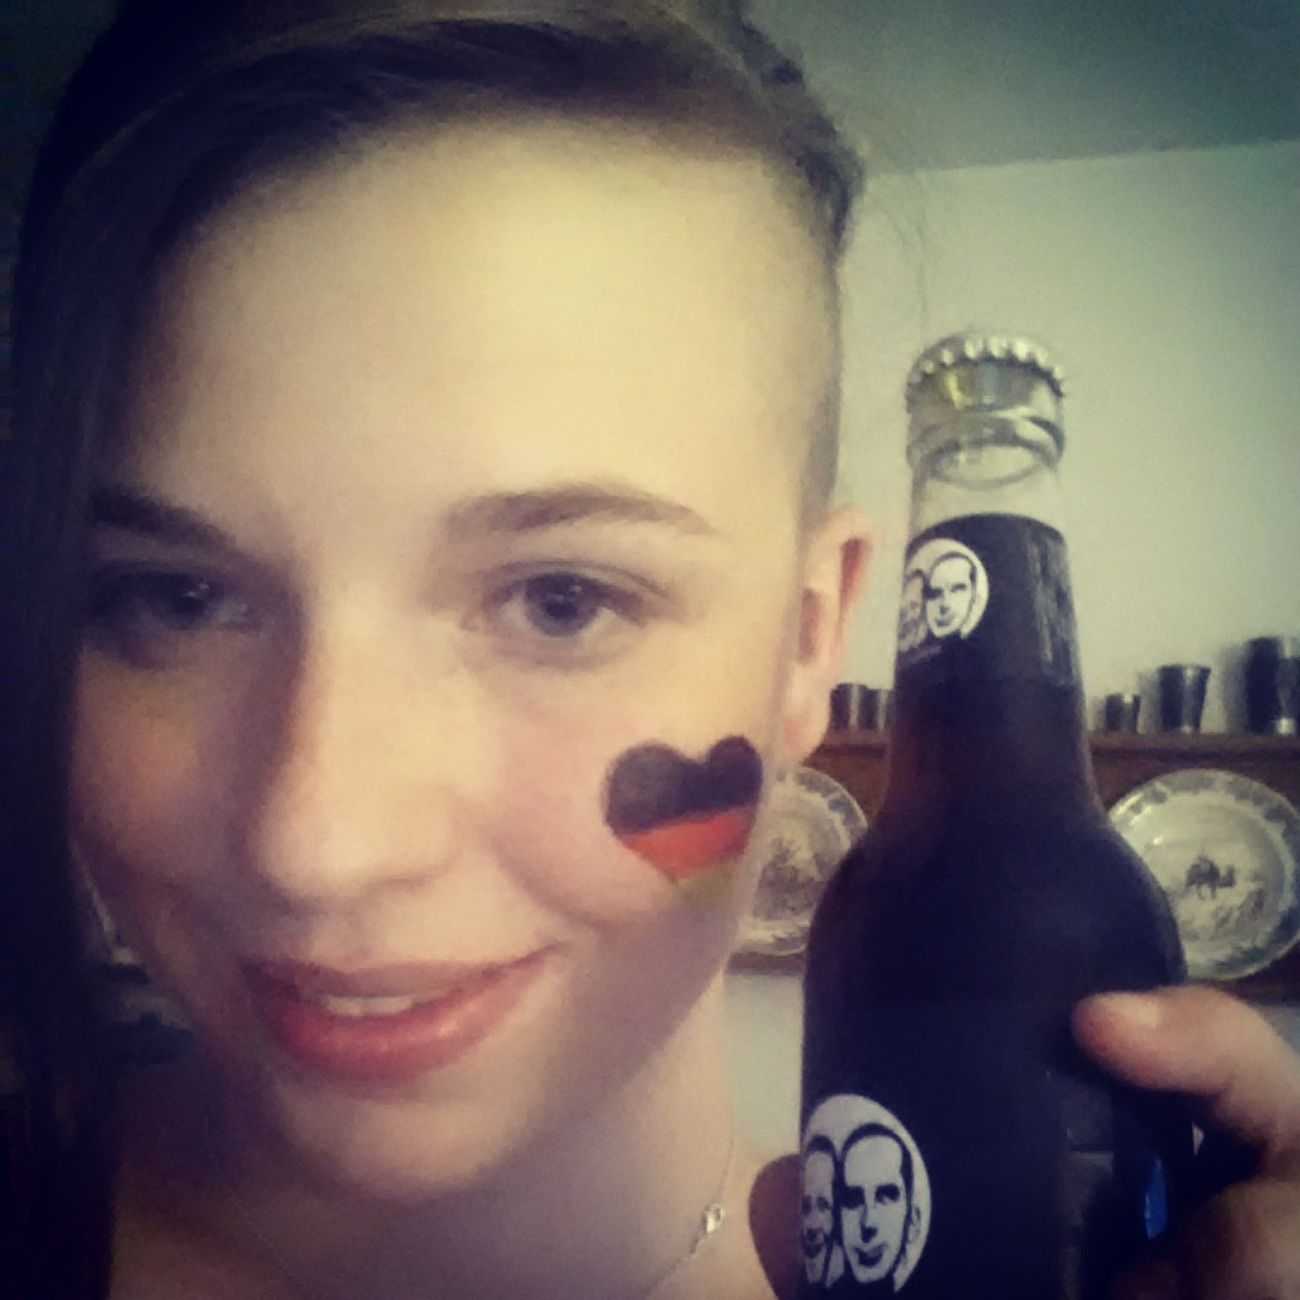 Deutschland, auf geht's! AneurerSeite Germany Fritz-kola